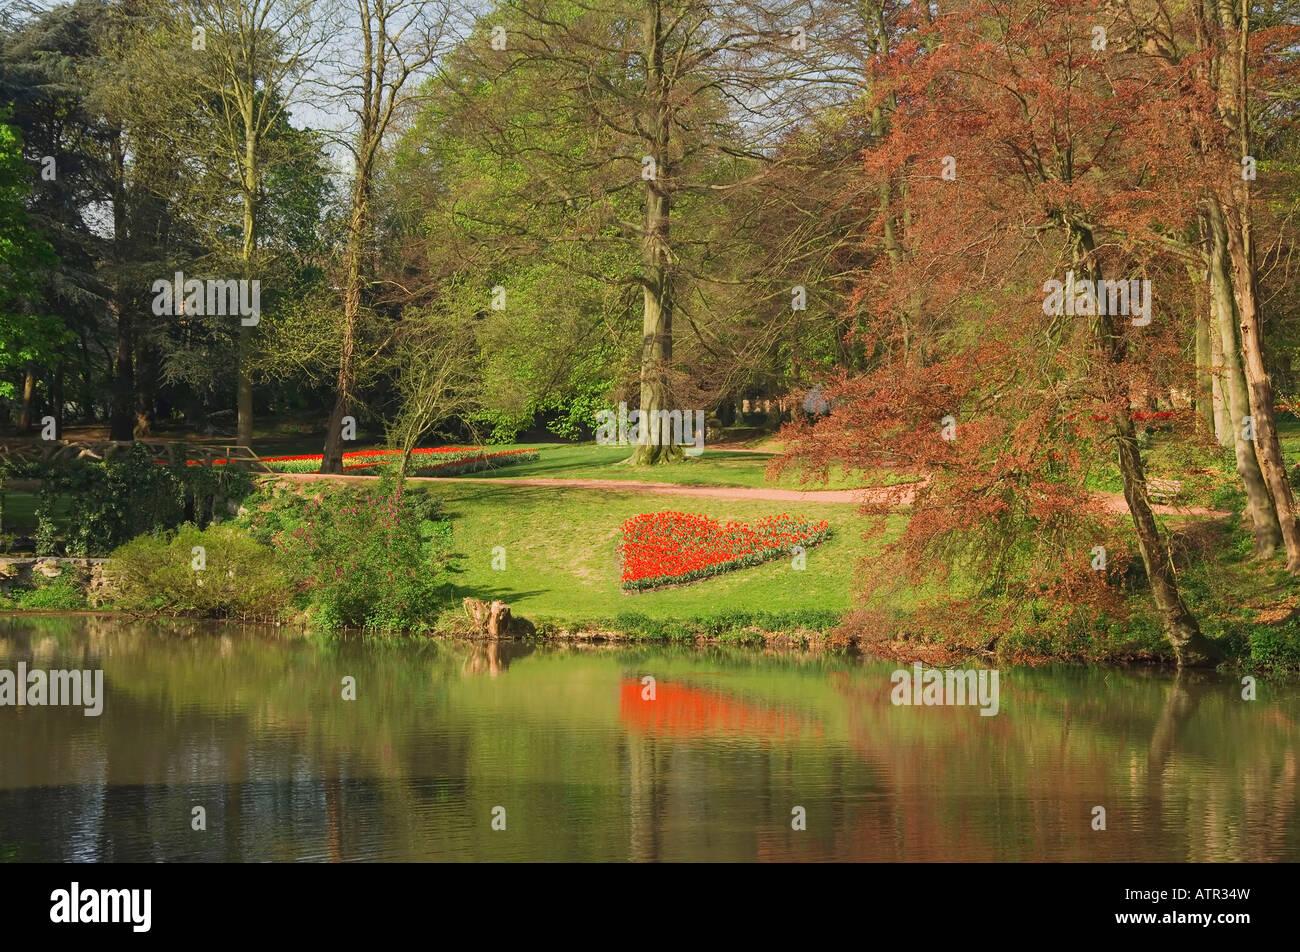 Castle Garden Stock Photos & Castle Garden Stock Images - Alamy